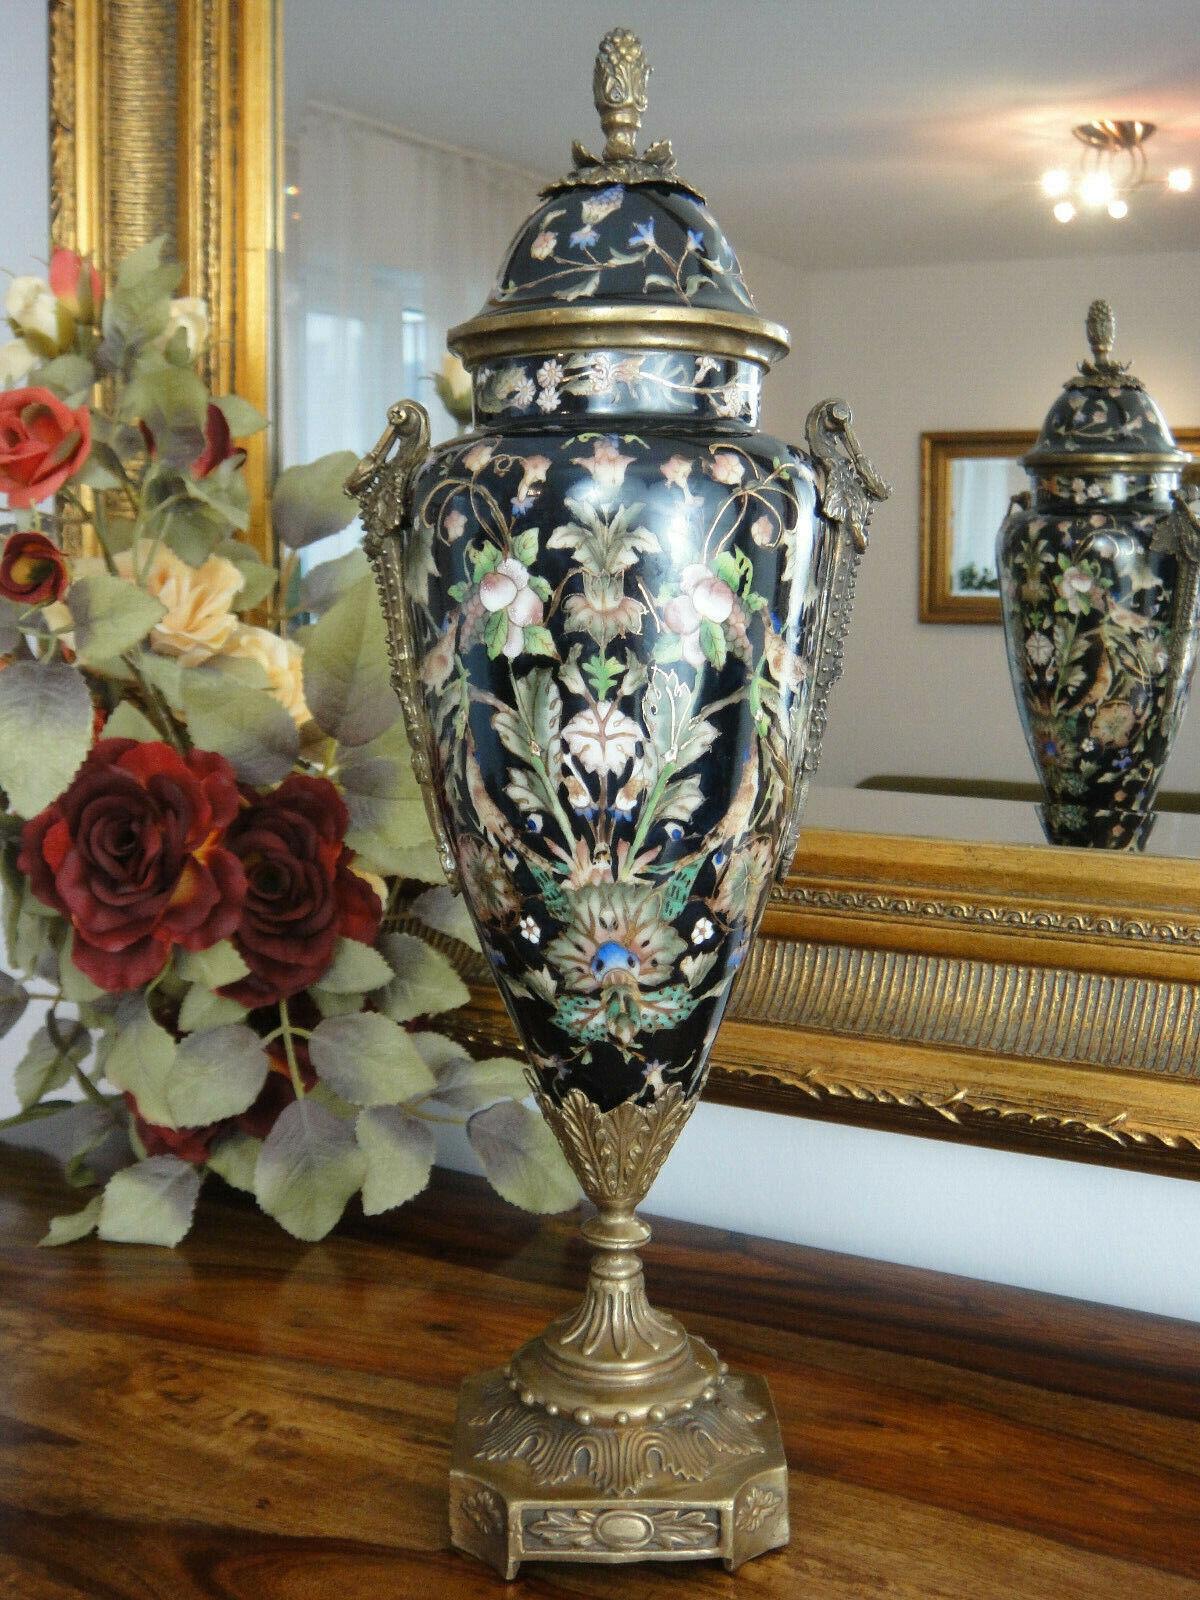 Tapa jarrón de porcelana bronce prunkvase Antik barroco de lujo jarrón urna trofeo noble